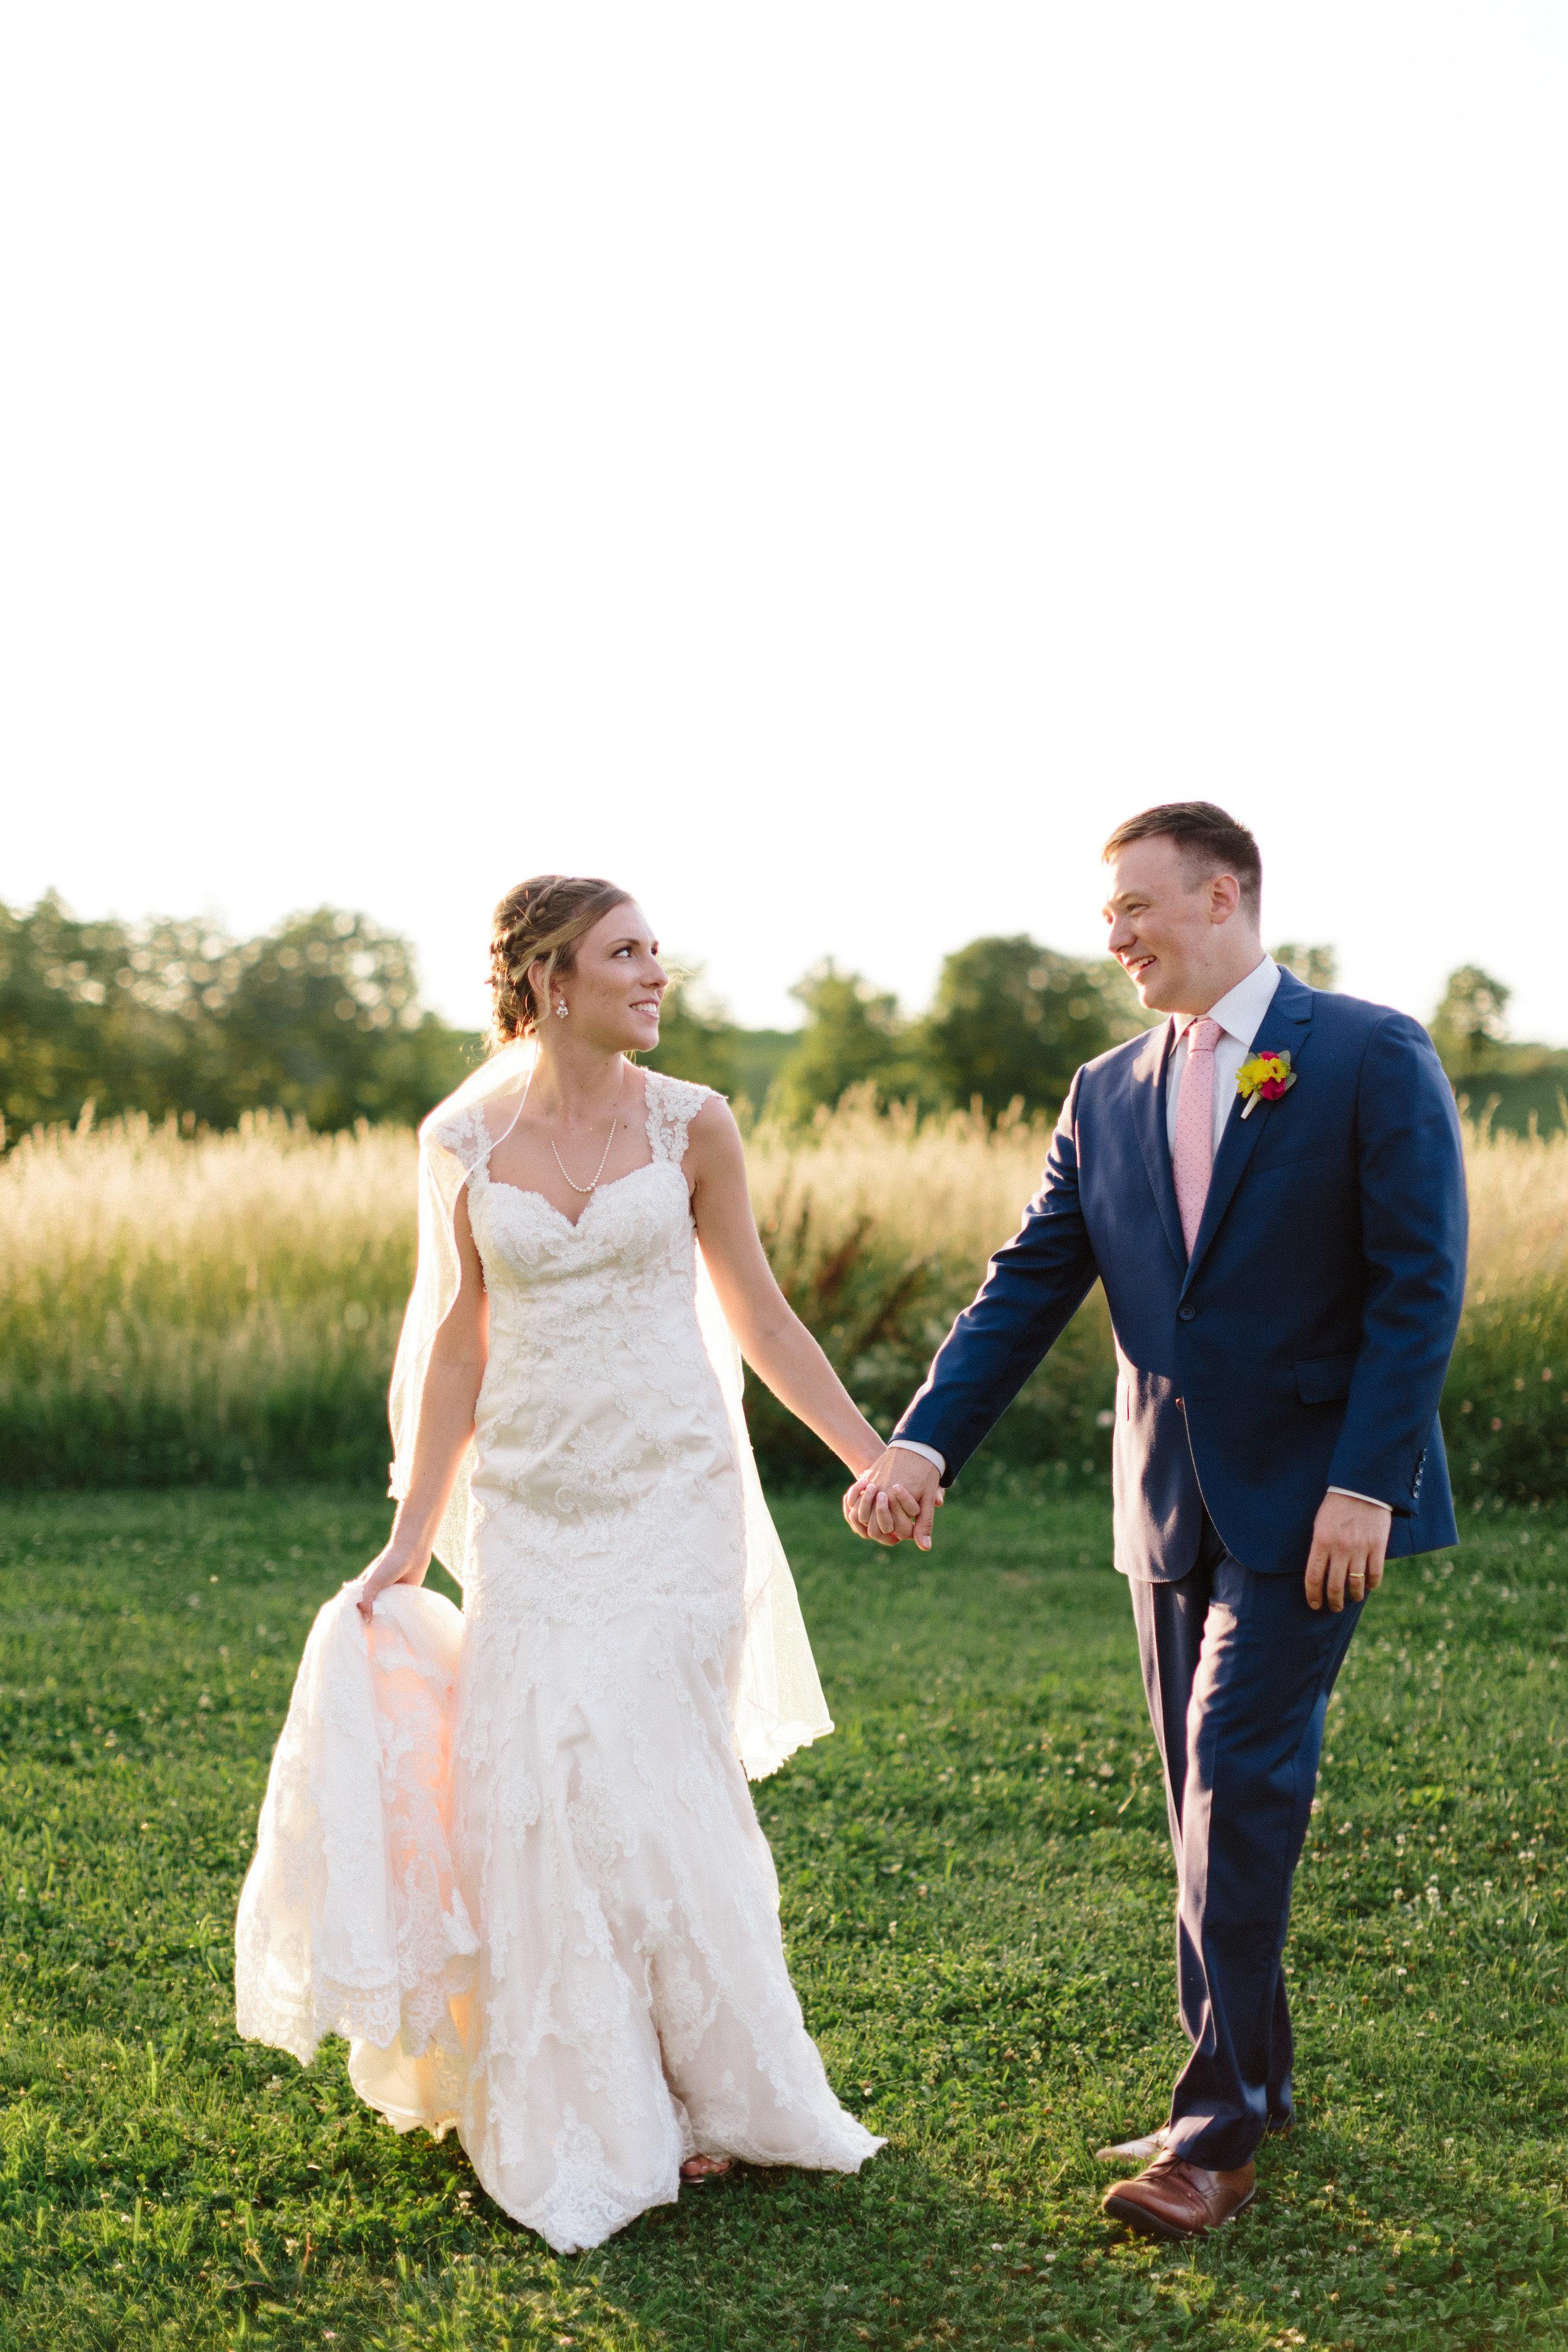 alyssa barletter photography weston missouri bright summer wedding allie and alex cole-52.jpg